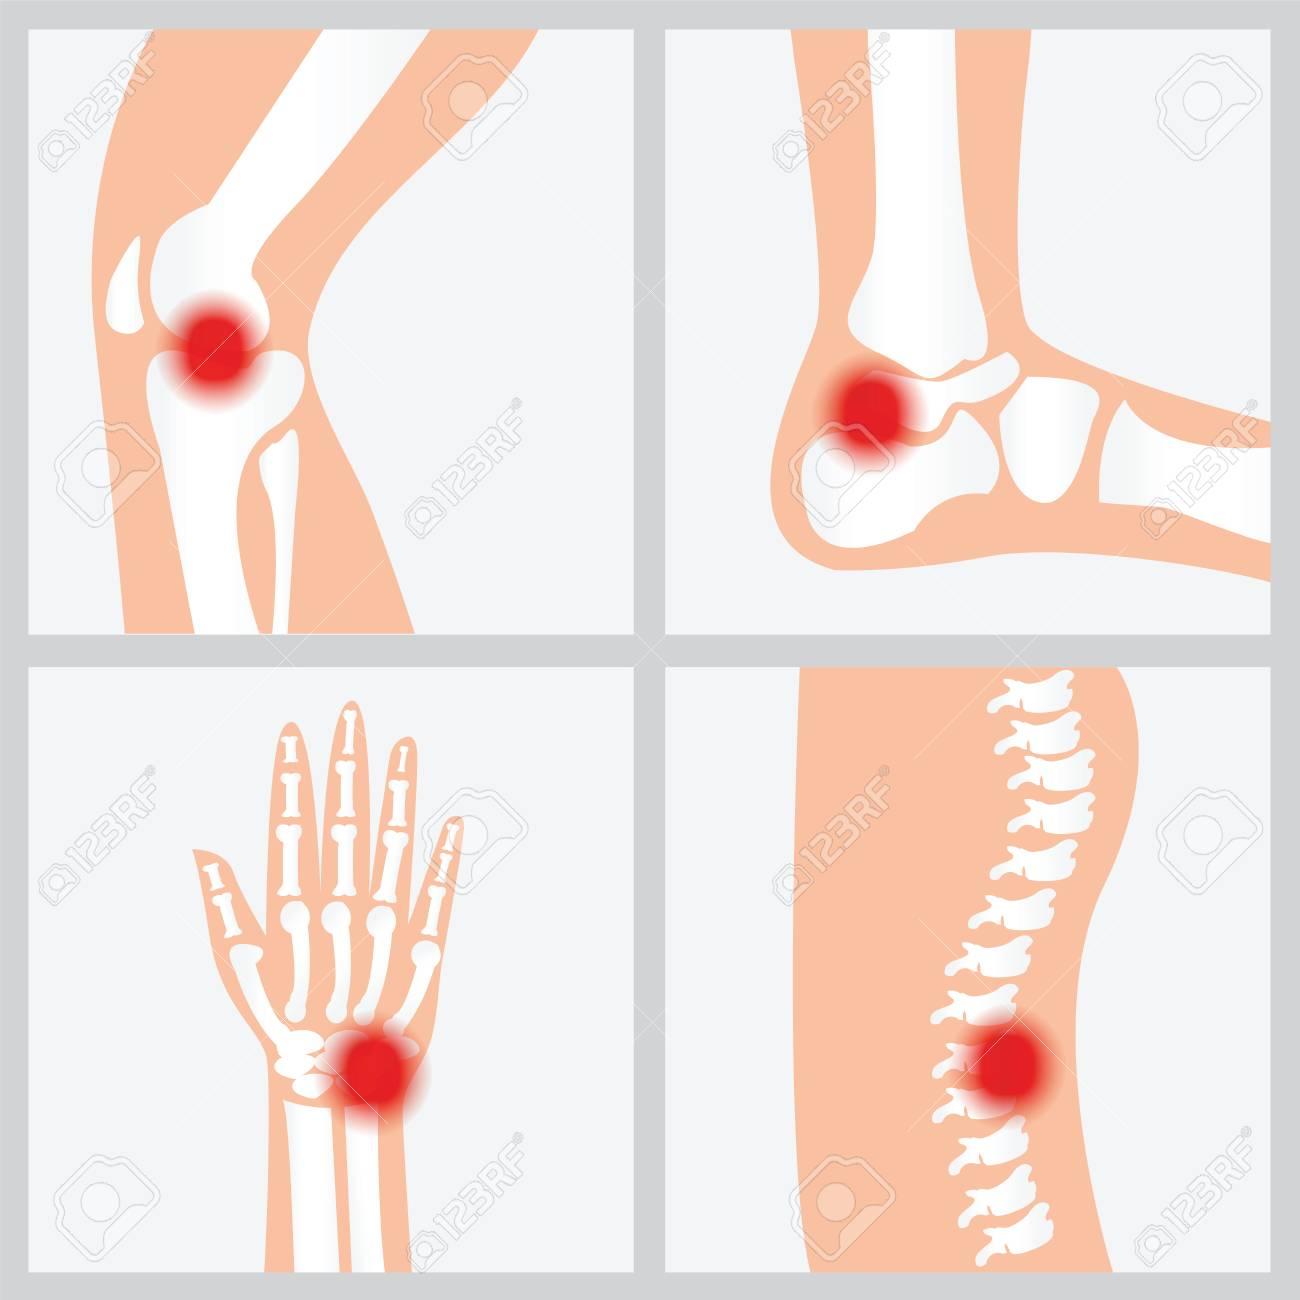 Enfermedad De Las Articulaciones Y Los Huesos, Las Articulaciones ...